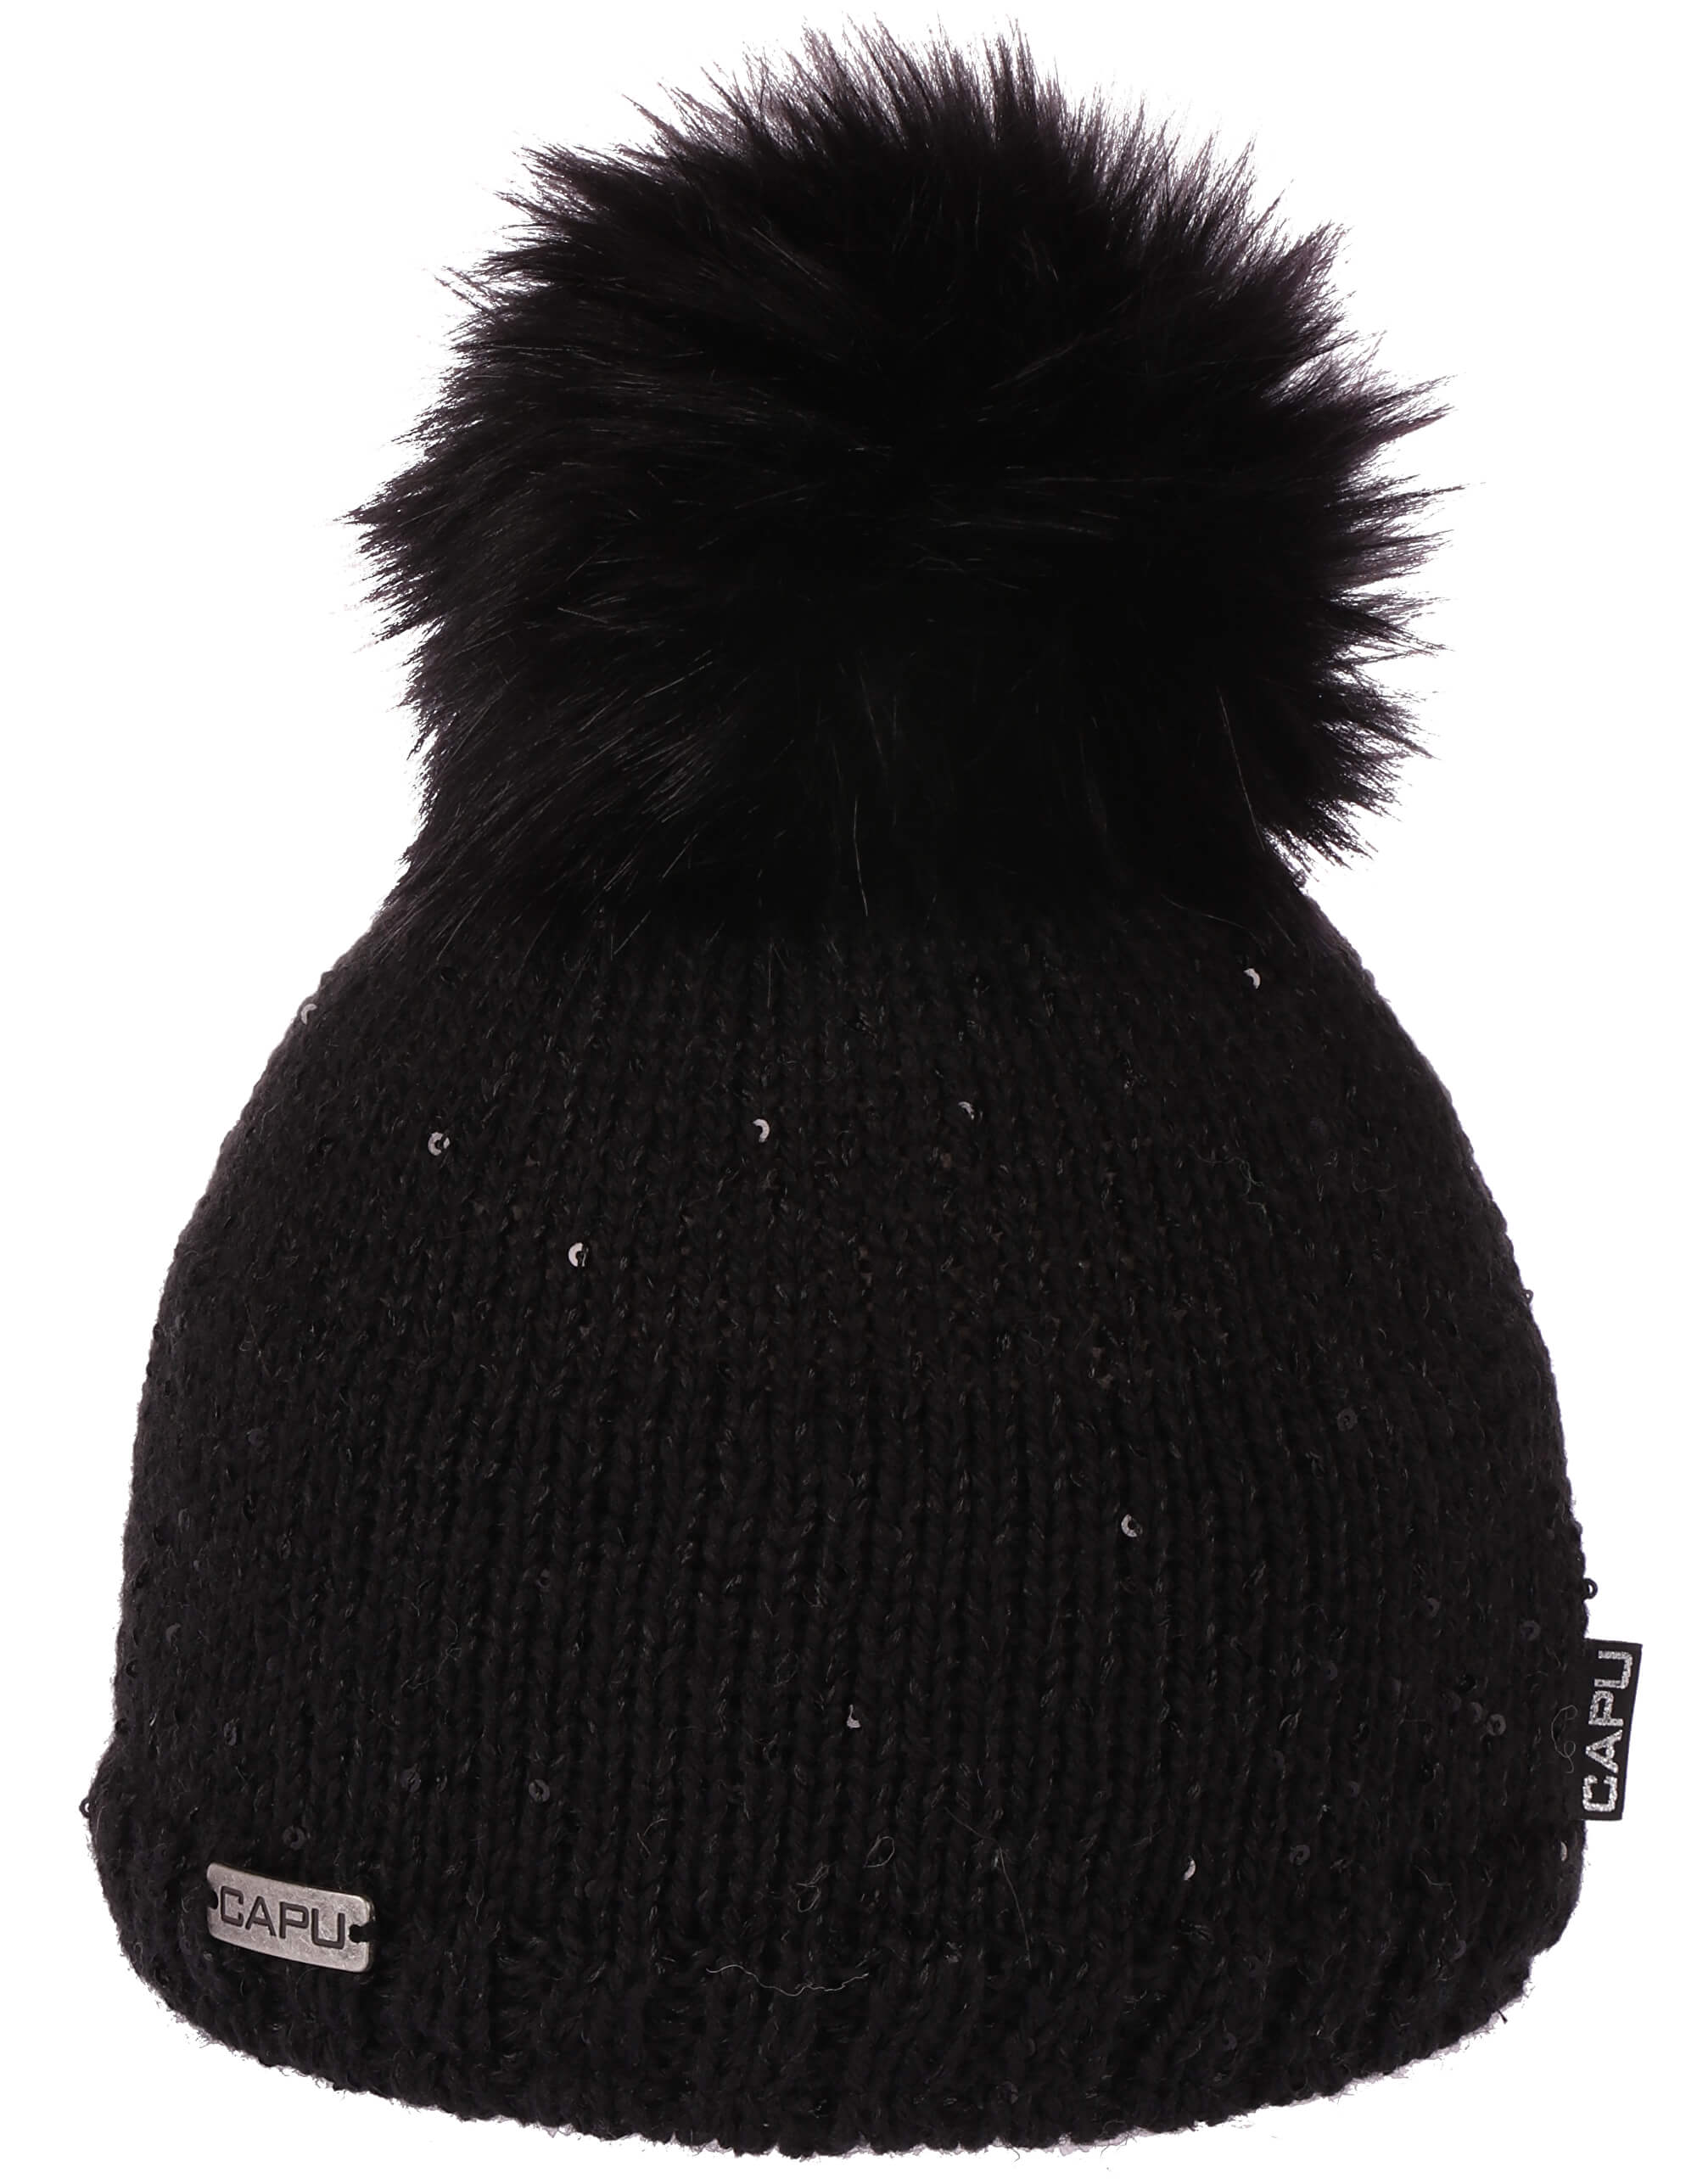 CAPU Zimní čepice 388-A Black  2869fff0a2